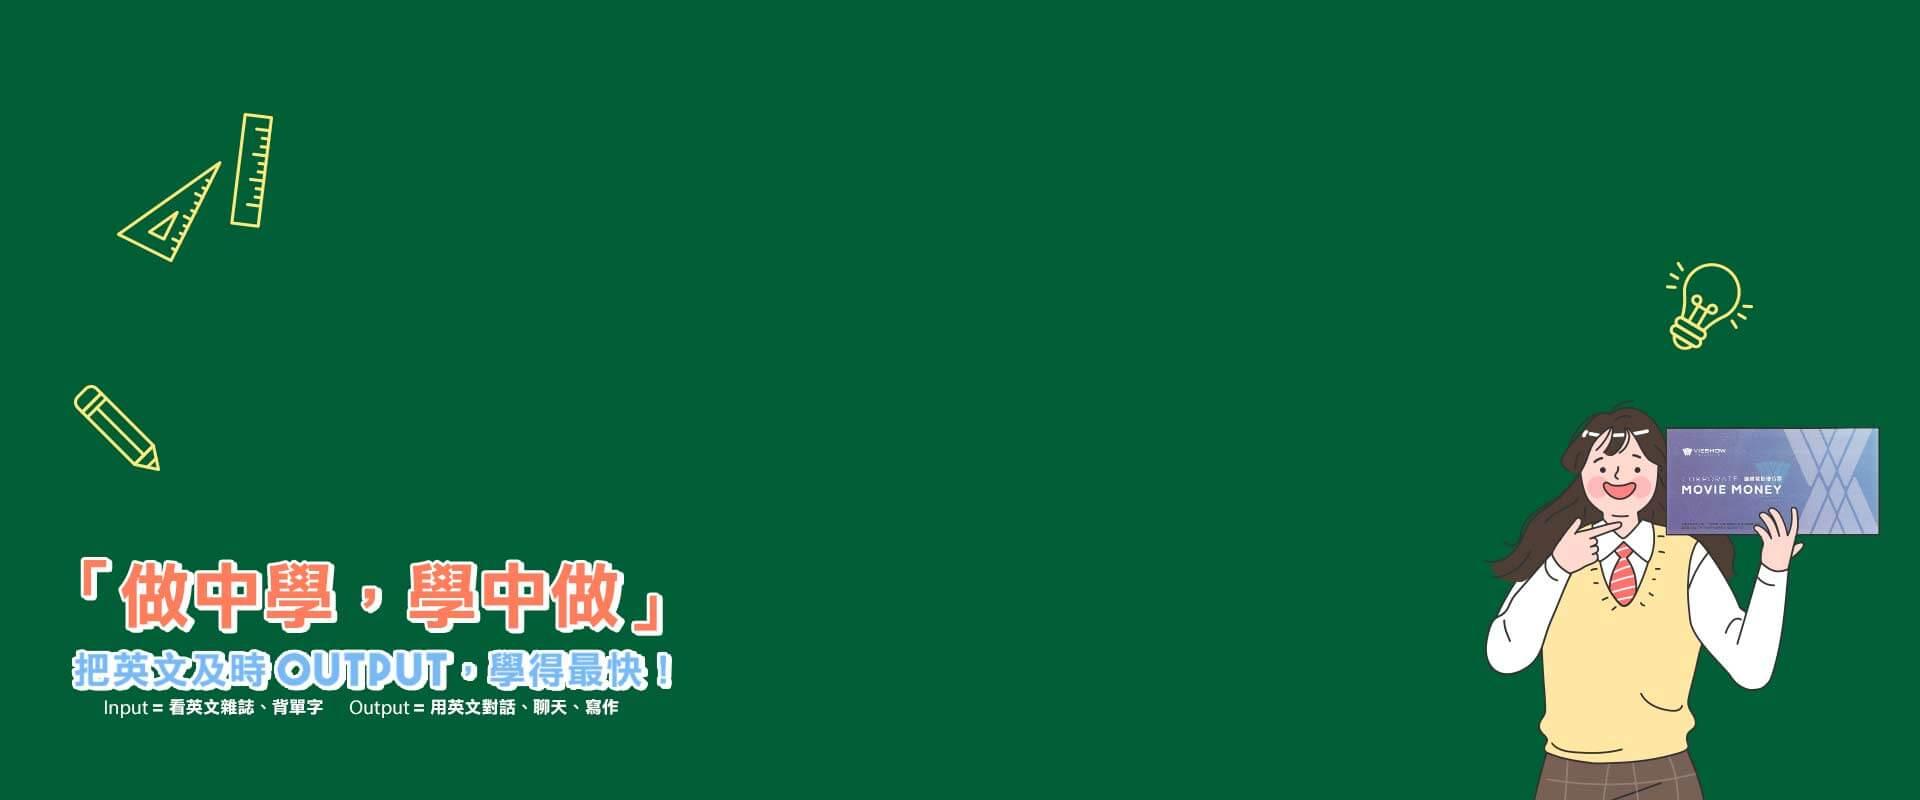 常春藤解析英語雜誌(長期訂閱)-【做中學,學中做】